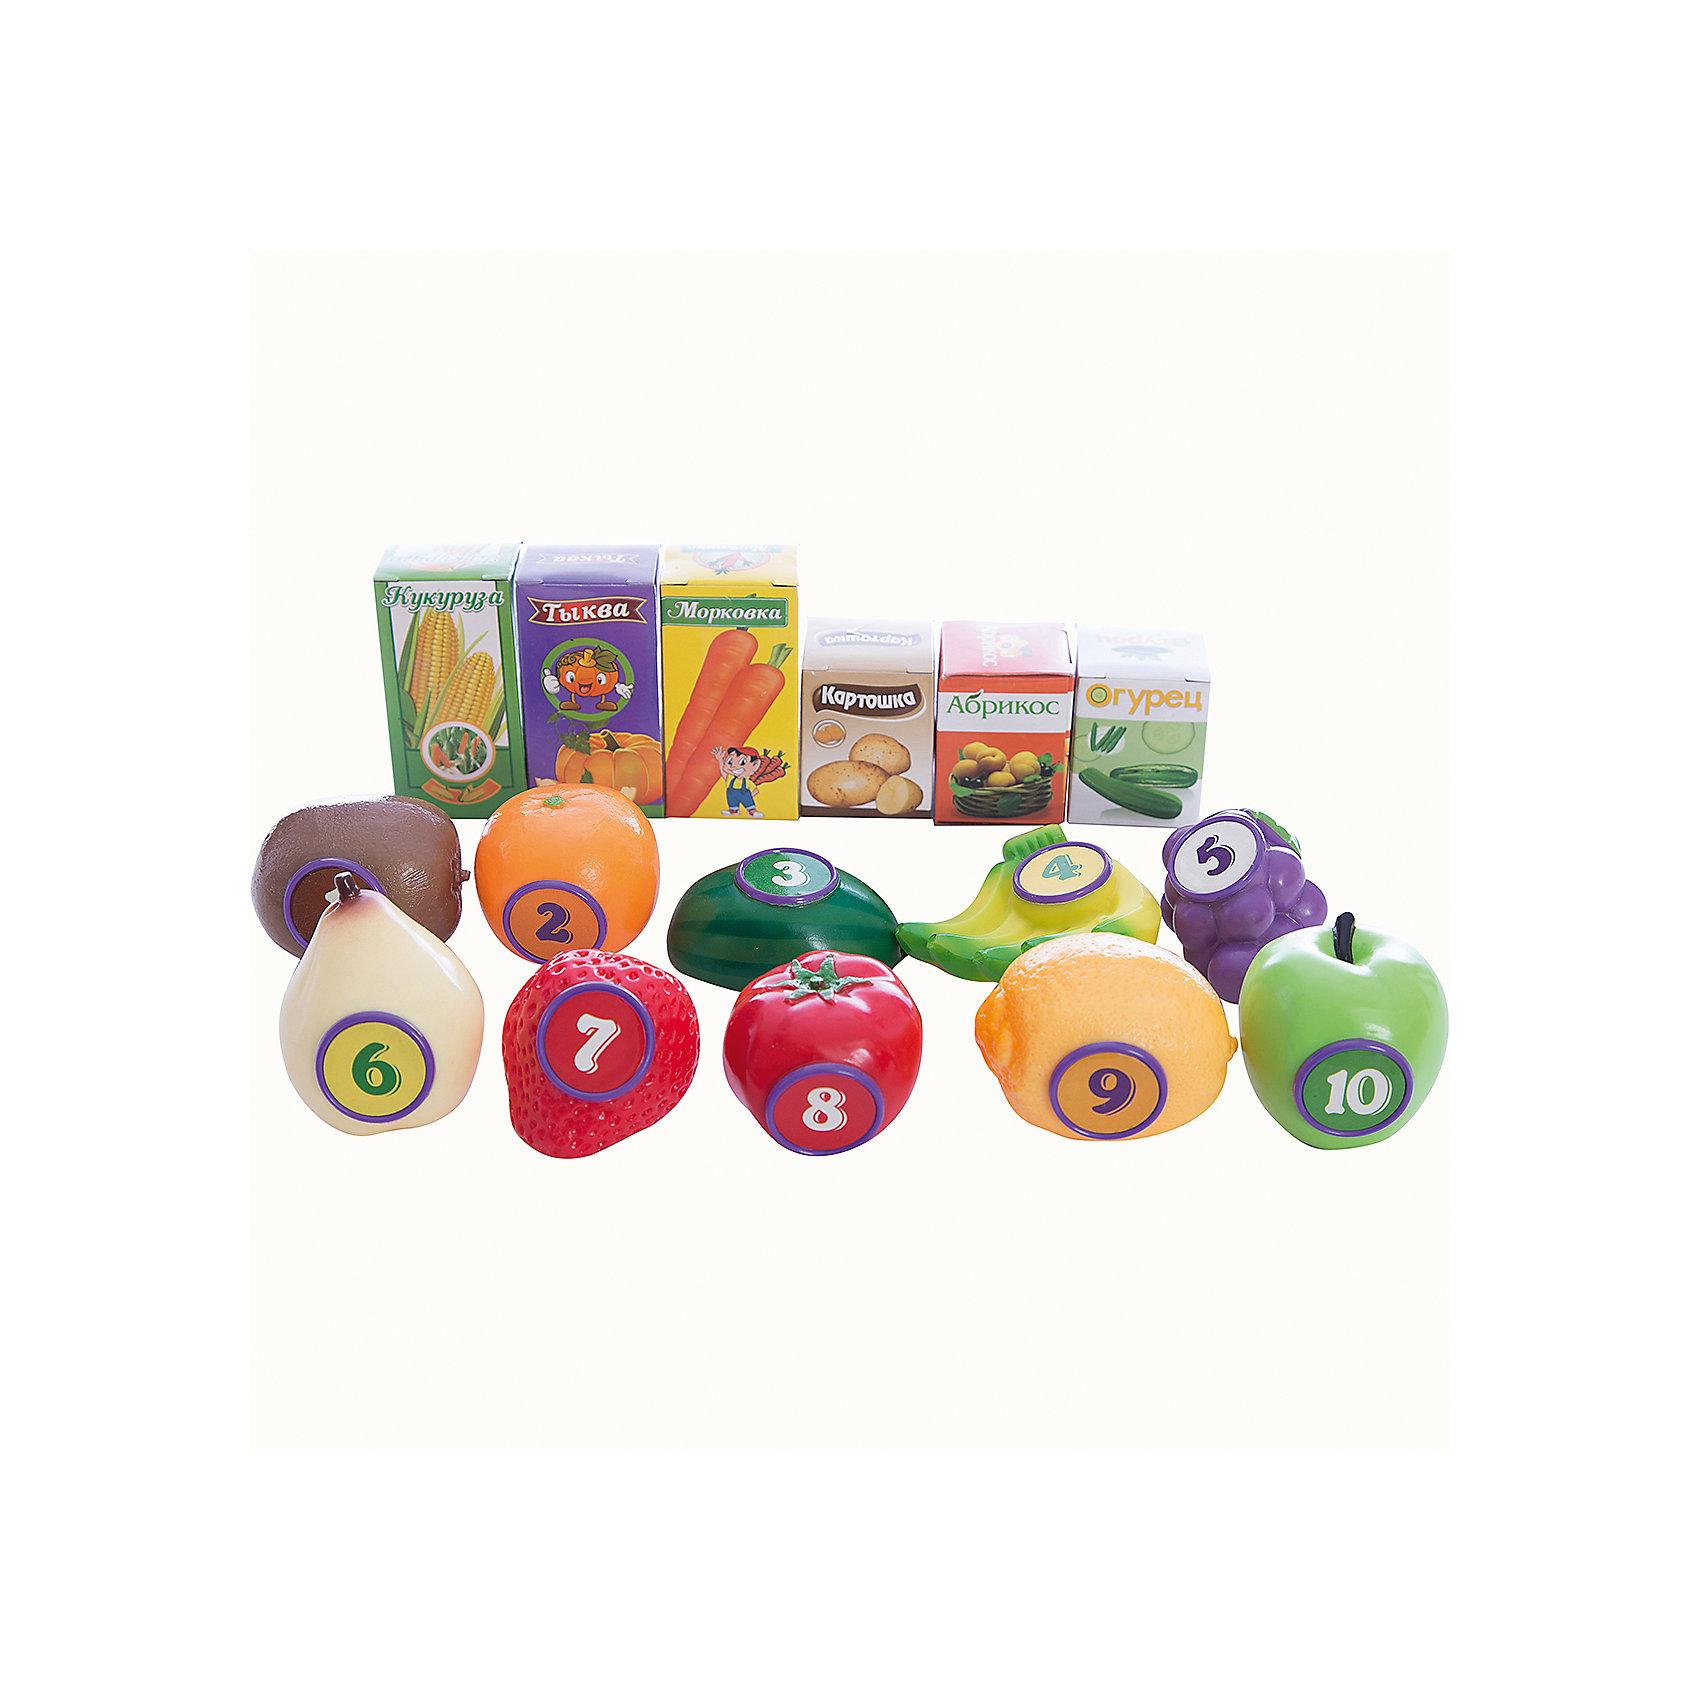 Умняшка-сканер c набором продуктов, ZhoryaСюжетно-ролевые игры<br>Умняшка-сканер, Zhorya  - это набор для сюжетно-ролевых игр, который обучит малыша названиям овощей и фруктов и их цветам.<br>Учиться в игровой форме весело и интересно! Игра в магазин с этим забавным сканером принесет не только веселье, но и знания. Умняшка-сканер по форме очень похож на настоящий сканер, но в отличие от настоящего он имеет веселую мордочку и множество разноцветных огоньков, которые, несомненно, понравятся вашему малышу. Умняшка-сканер познакомит ребенка с разными овощами и фруктами: ребенок узнает их название, цвет и увидит, как некоторые из них выглядят. Также в стихотворной форме ребенок сможет узнать различные цвета. Сканер расскажет 16 стихов. Чтобы узнать название продукта или цвет поднесите сканер к специальному чипу на овощах и фруктах. Для проверки полученных знаний предусмотрен режим Экзамен. Малышу предложат проверить свои знания и найти тот или иной фрукт и овощ или угадать цвет. Отдохнуть от обучения можно послушав веселую песенку. Предусмотрена регулировка громкости и функция выключения. Игрушка способствует развитию памяти, воображения, моторики, слуха, зрения, цветовосприятия и координации движений.<br><br>Дополнительная информация:<br><br>- В наборе: сканер, 16 видов овощей и фруктов (из них 6 представляют собой пустые коробочки)<br>- Батарейки: 3 типа ААА (в комплект не входят)<br>- Длина сканера: 11 см.<br>- Материал: высококачественный пластик<br>- Упаковка: яркая красочная коробка<br>- Размер упаковки: 41 х 9 х 26 см.<br><br>Набор Умняшка-сканер, Zhorya  можно купить в нашем интернет-магазине.<br><br>Ширина мм: 570<br>Глубина мм: 280<br>Высота мм: 180<br>Вес г: 1890<br>Возраст от месяцев: 6<br>Возраст до месяцев: 36<br>Пол: Унисекс<br>Возраст: Детский<br>SKU: 4453032